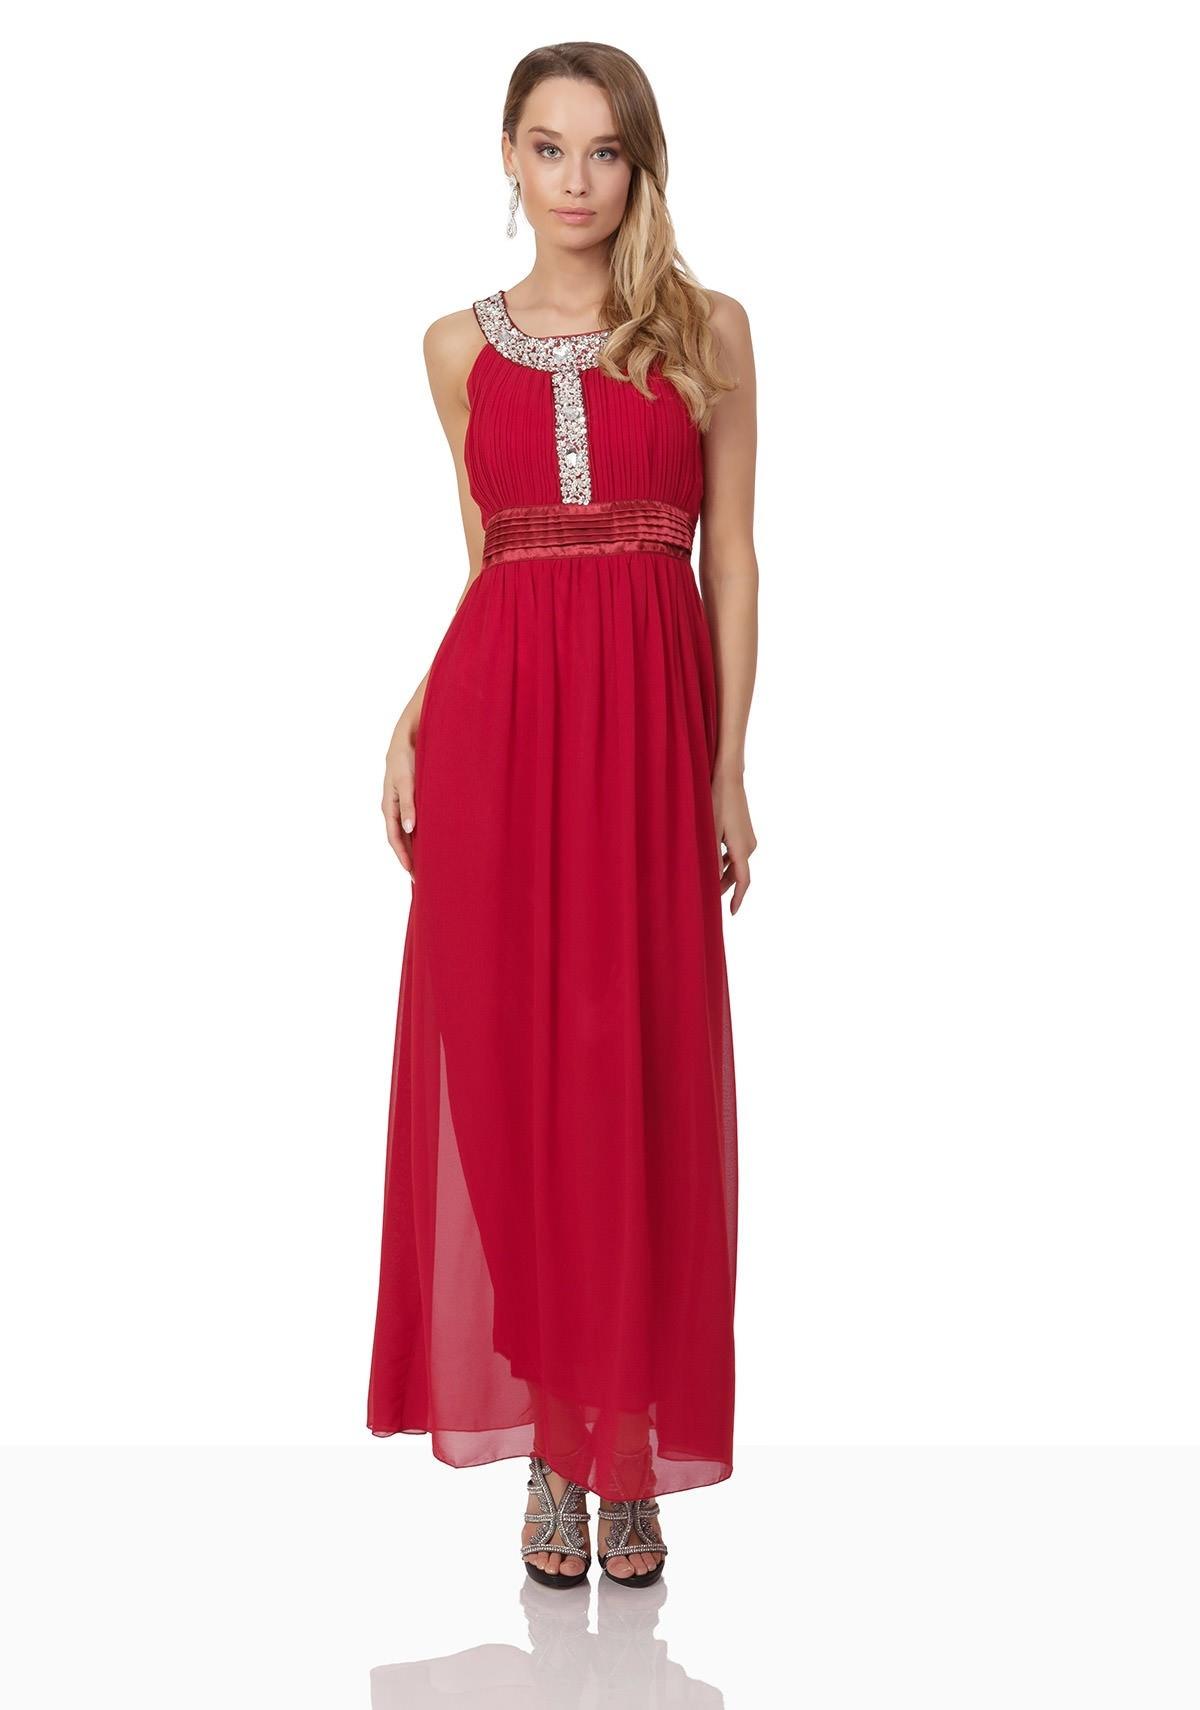 Abend Genial Abendkleid Lang 34 SpezialgebietAbend Erstaunlich Abendkleid Lang 34 Design